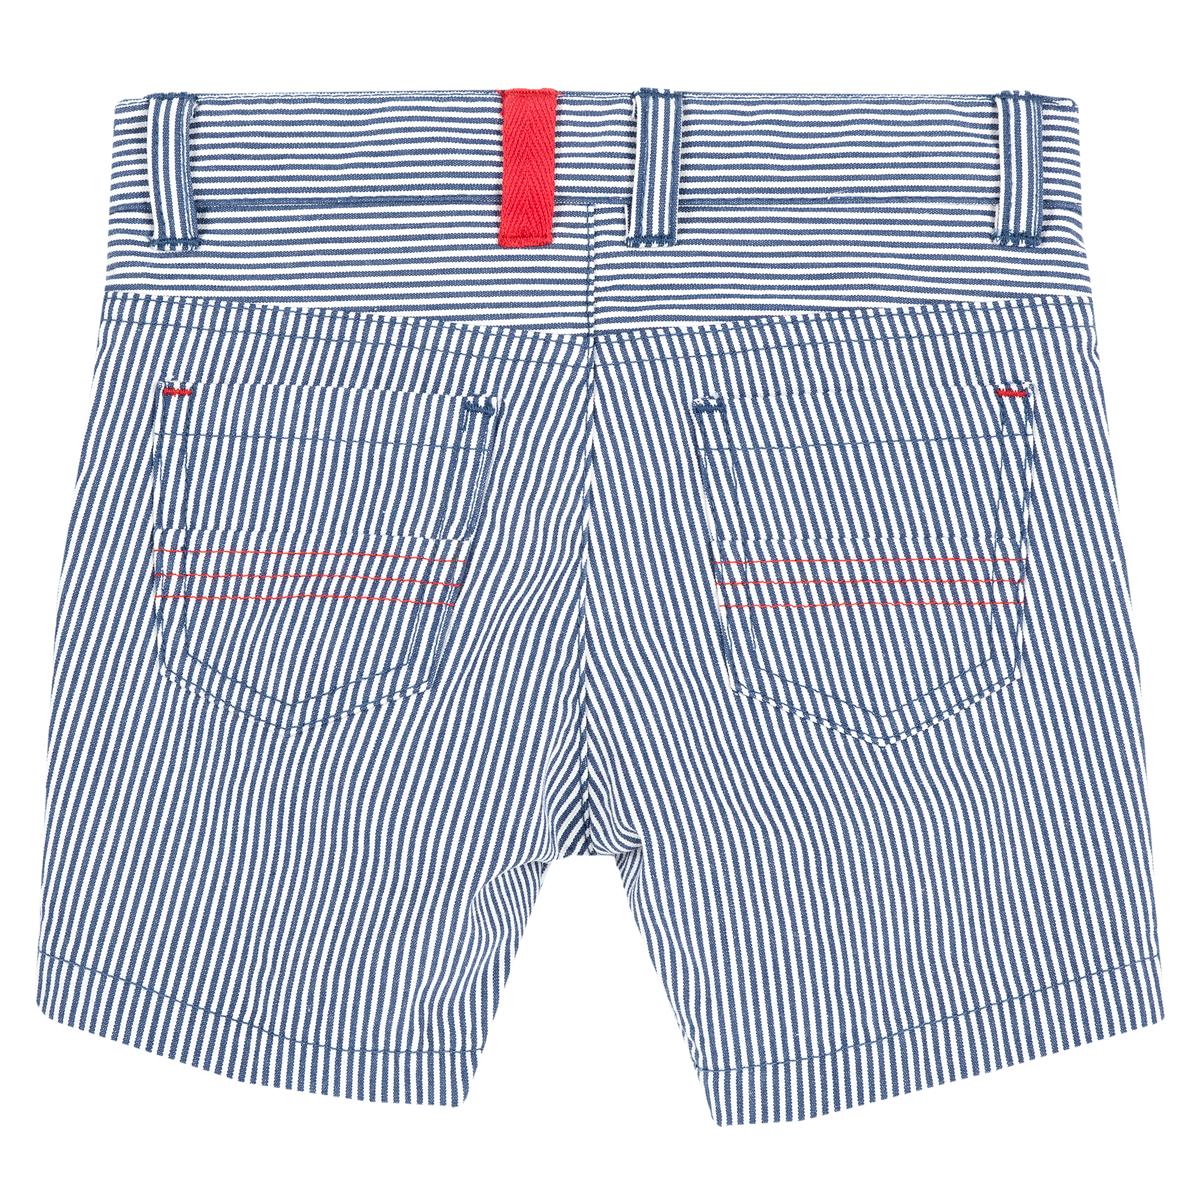 Pantalon Scurt Pentru Copii, Chicco, Alb Cu Bleumarin, 52864 imagine